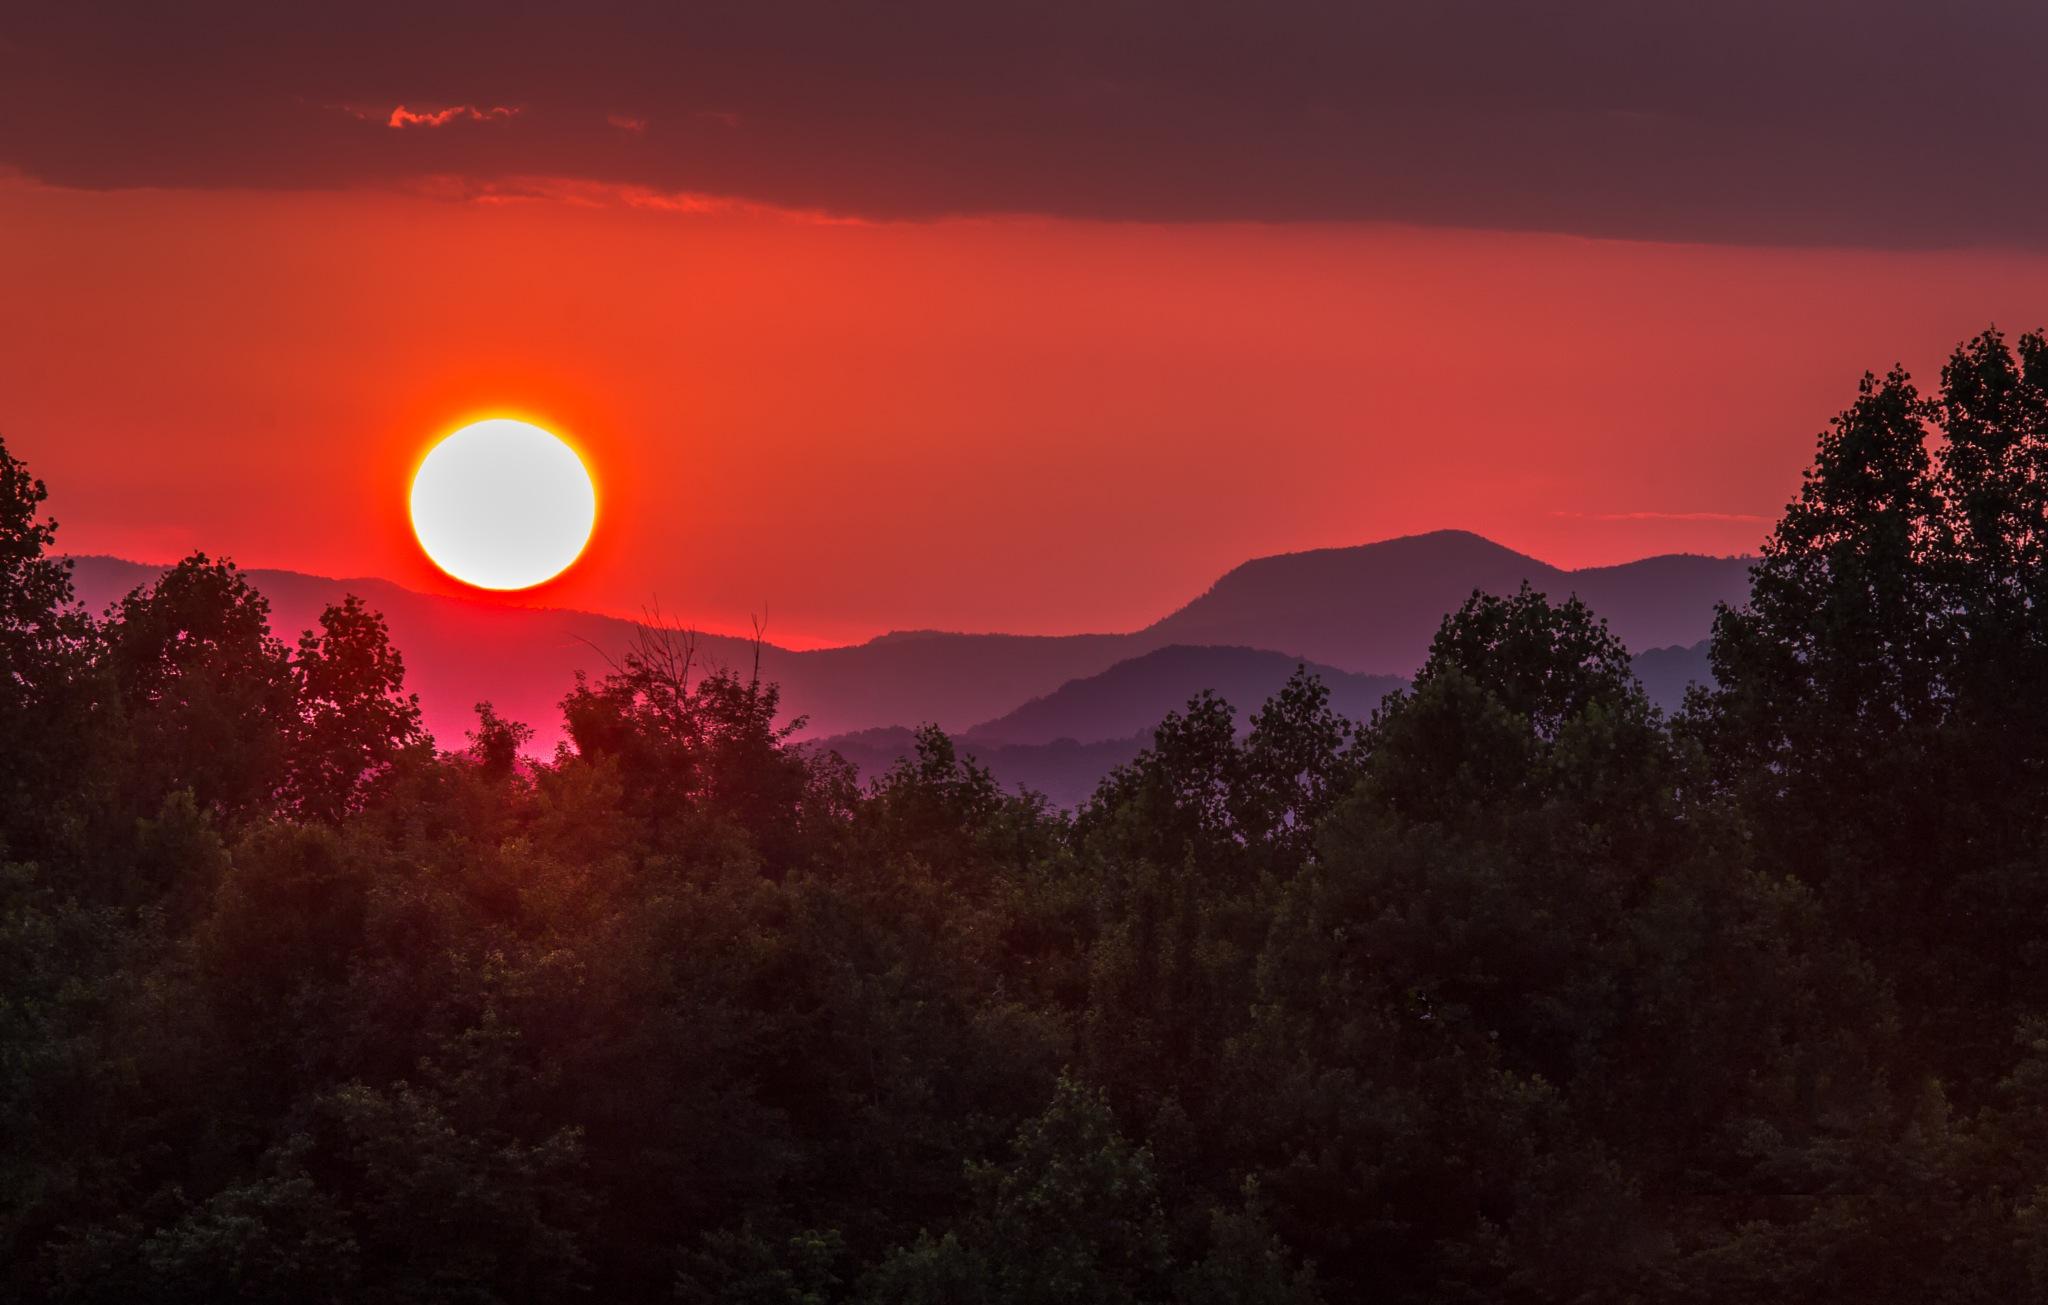 Highlands Sunset by douglasktate